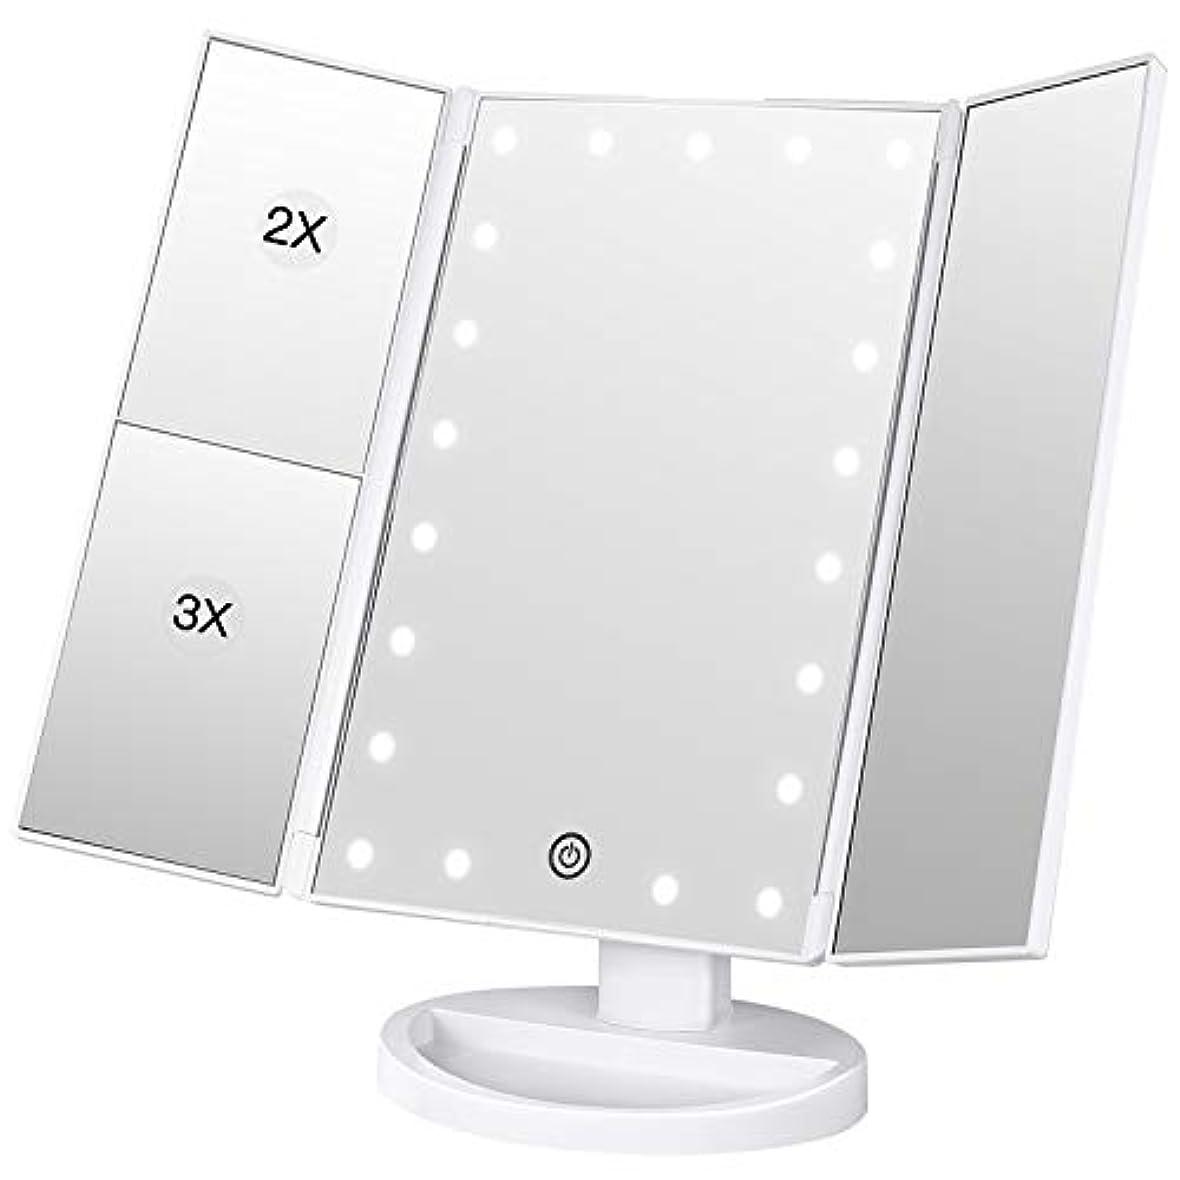 ガウン毛皮ソファーBESTOPE 化粧鏡 化粧ミラー 鏡 三面鏡 女優ミラー 卓上 led付き 折りたたみ 拡大鏡 2&3倍 明るさ調節可能 180°回転 電池&USB 2WAY給電